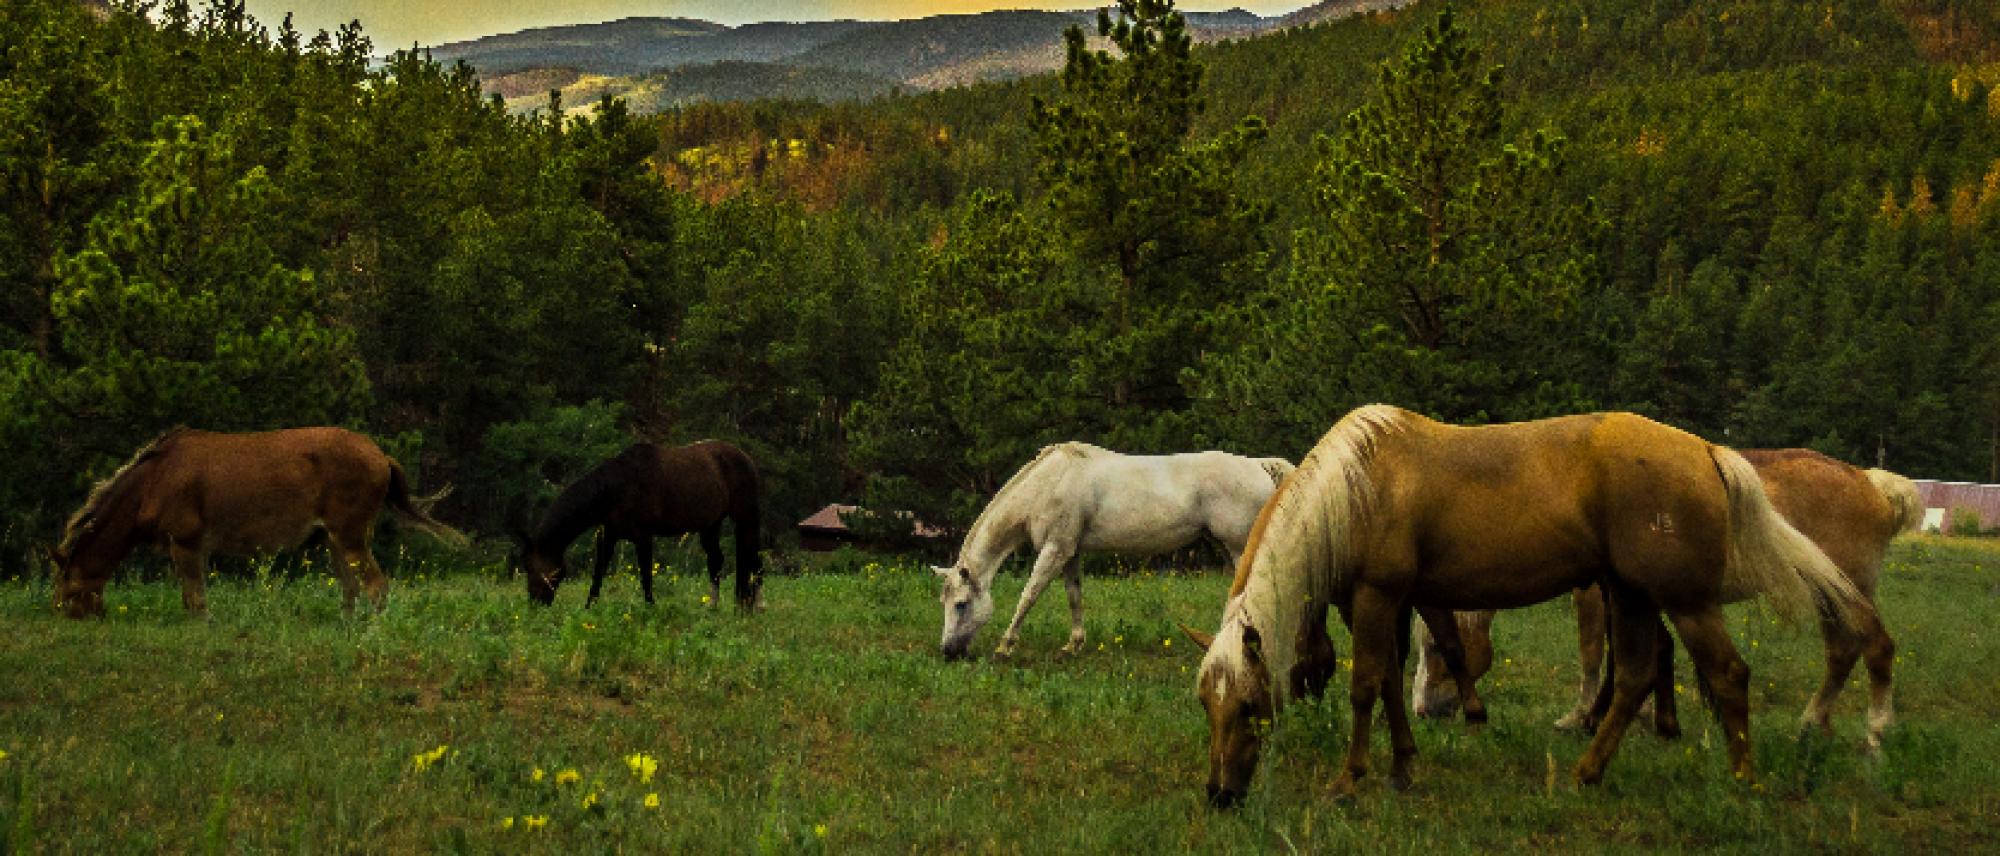 Veteran Equine Trust